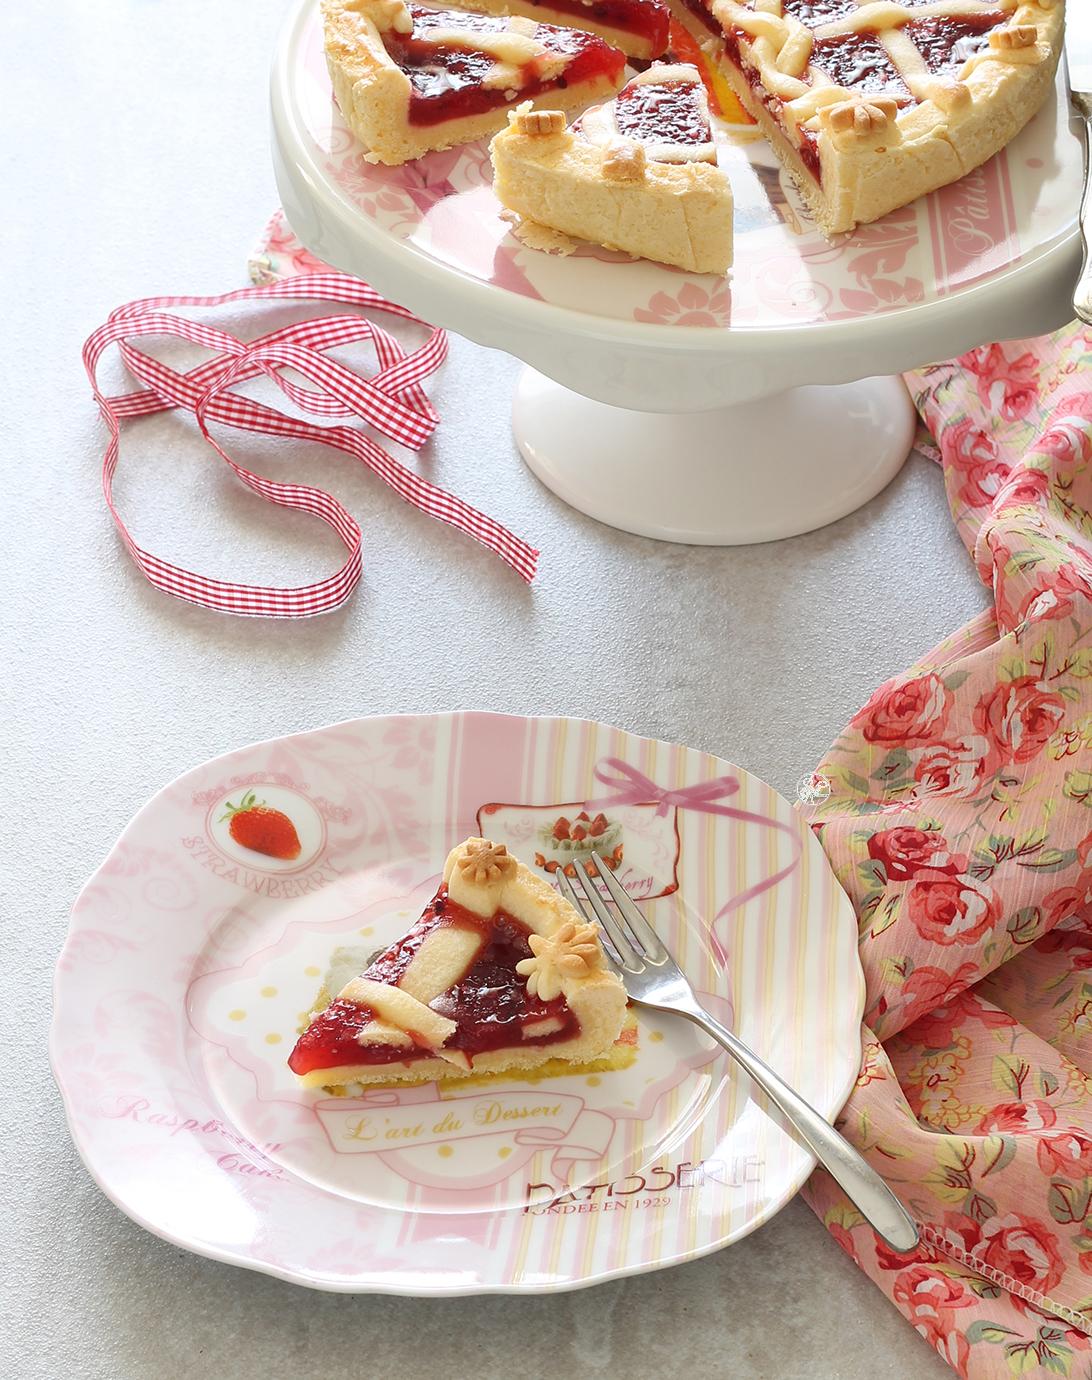 Crostata con confettura di ribes senza glutine - La Cassata Celiaca